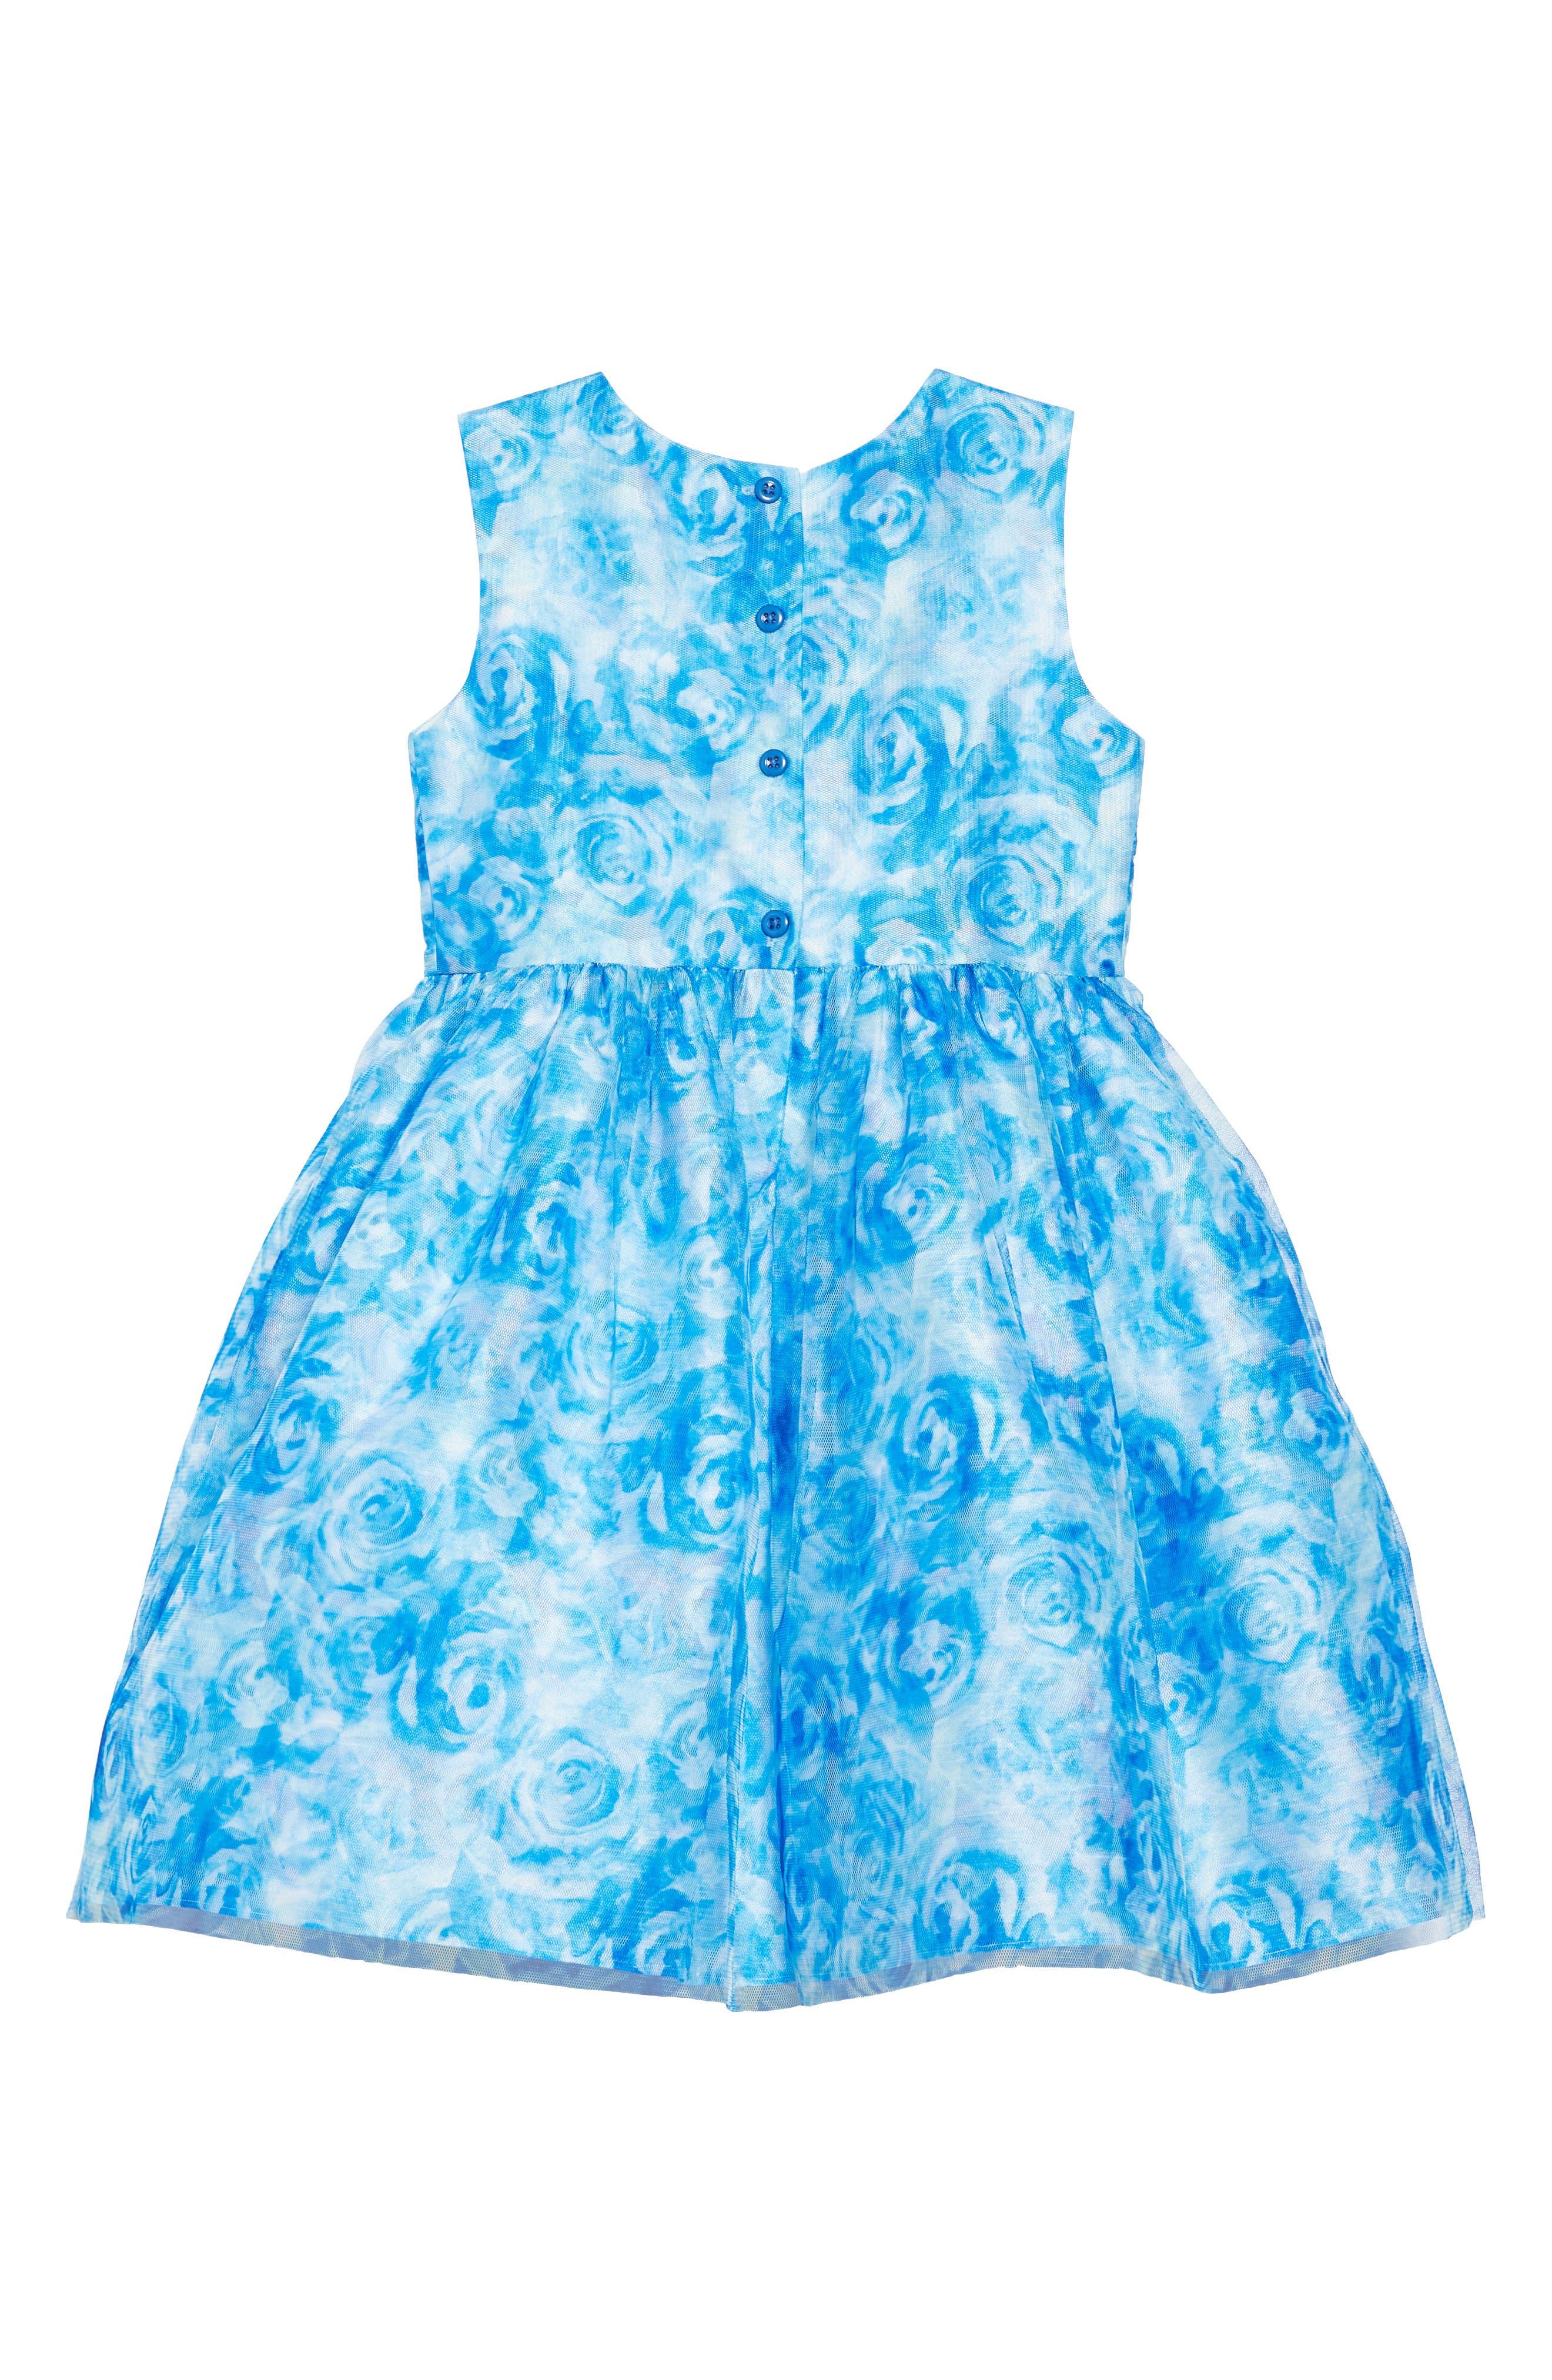 FRAIS, Rose Mesh Overlay Dress, Alternate thumbnail 2, color, BLUE